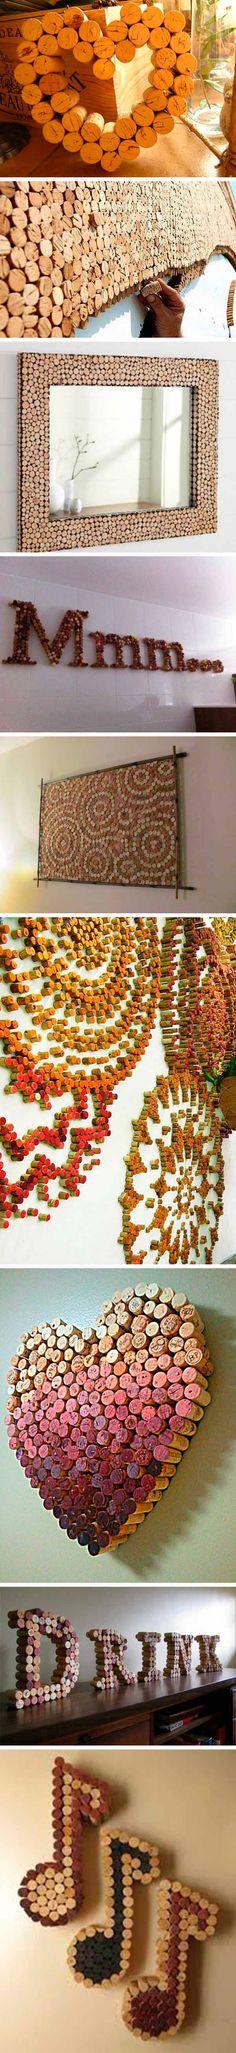 reciclar tapones de corcho - decoracion 2